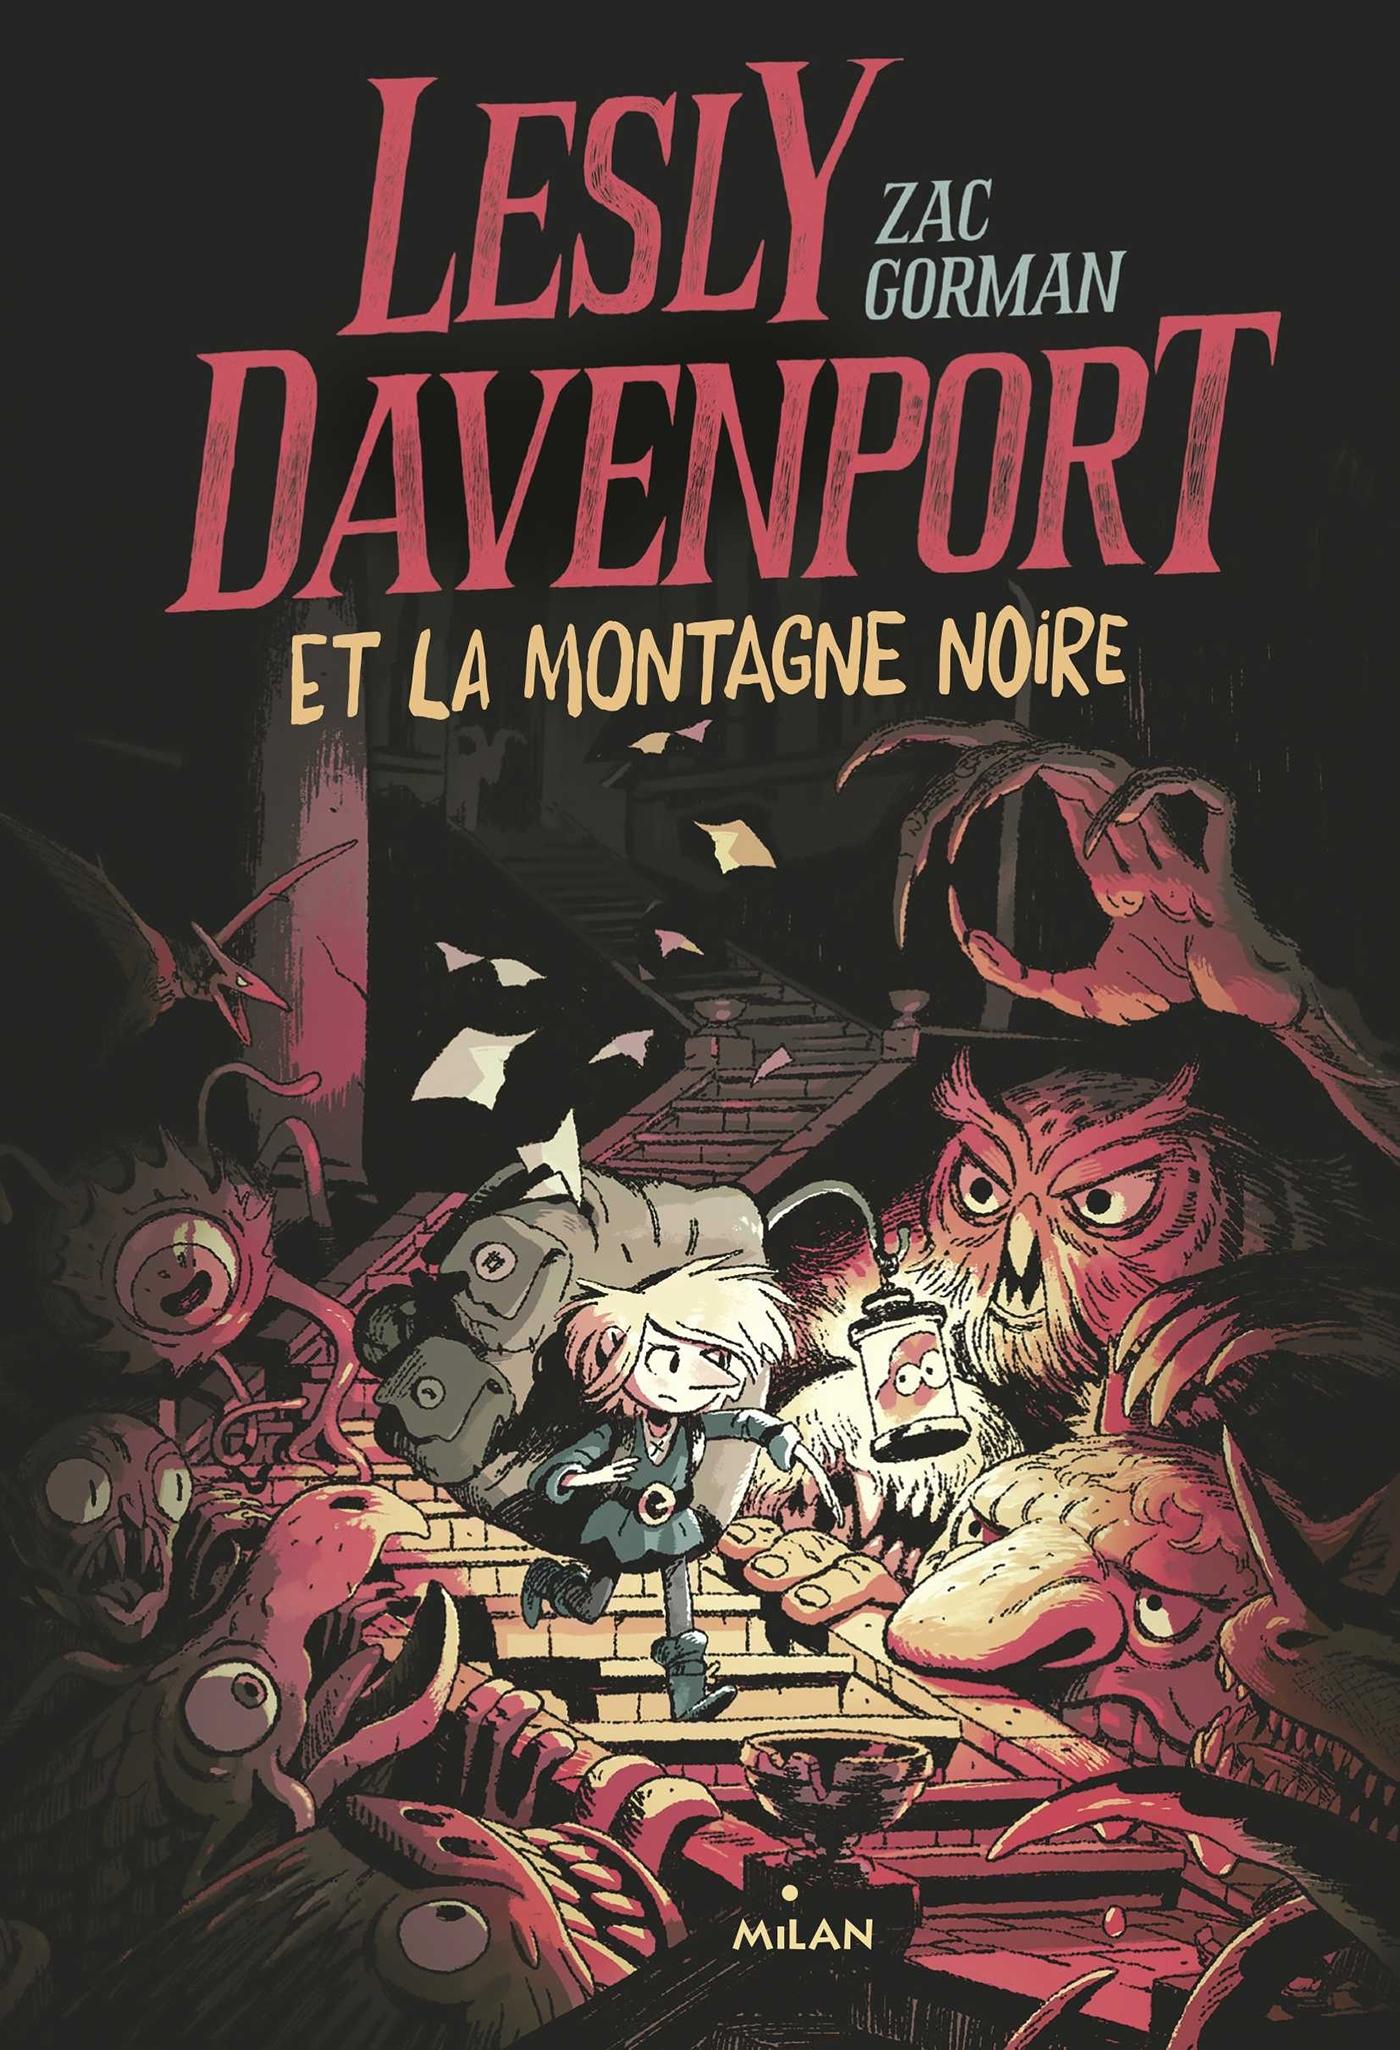 LESLY DAVENPORT ET LA MONTAGNE NOIRE